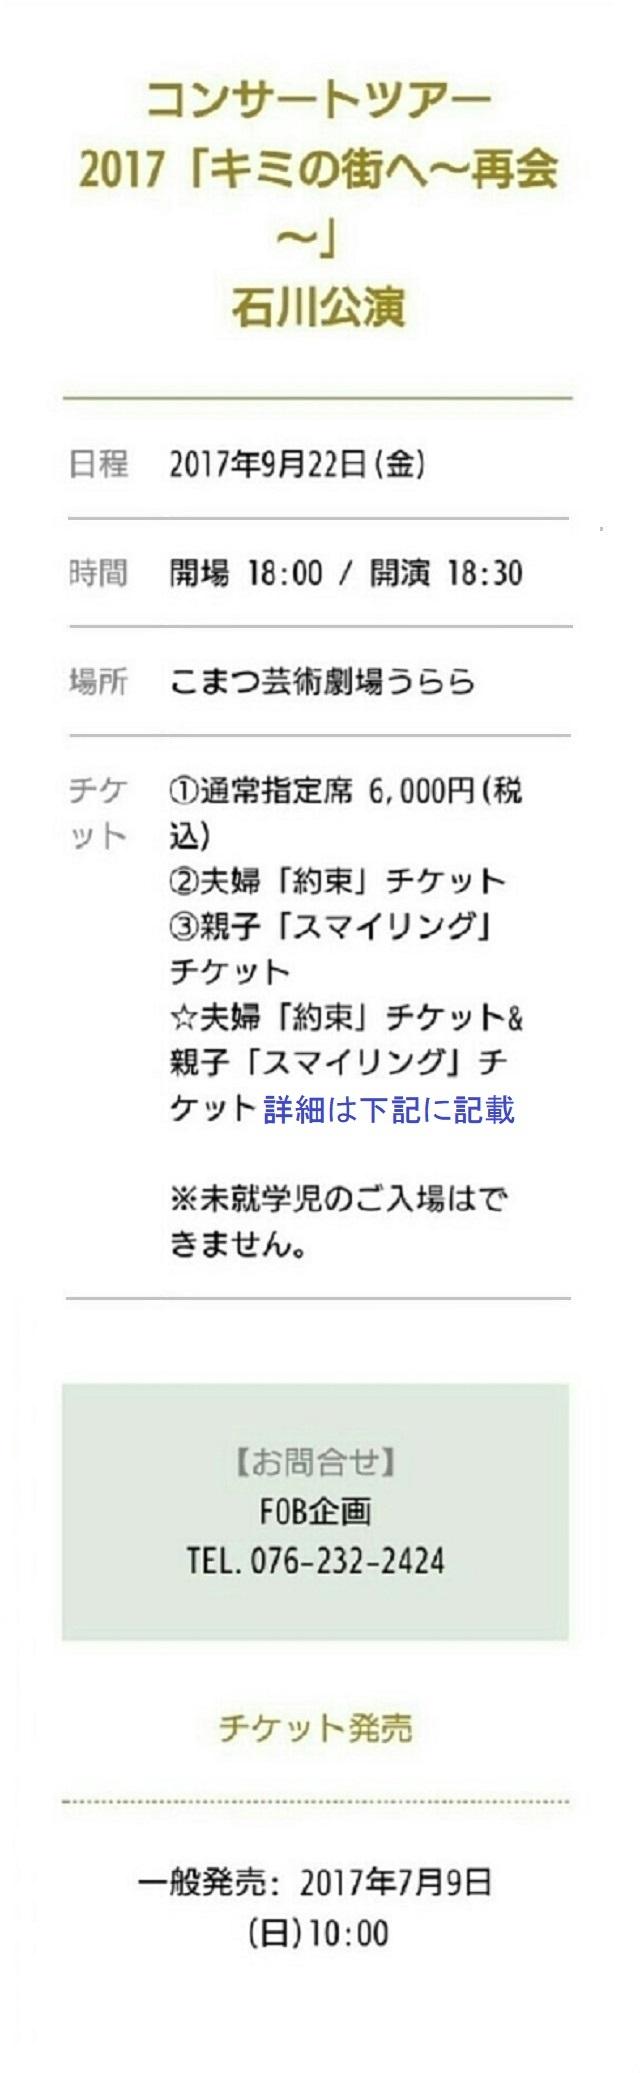 キミの街へ~再会~ チケット予約 (1)